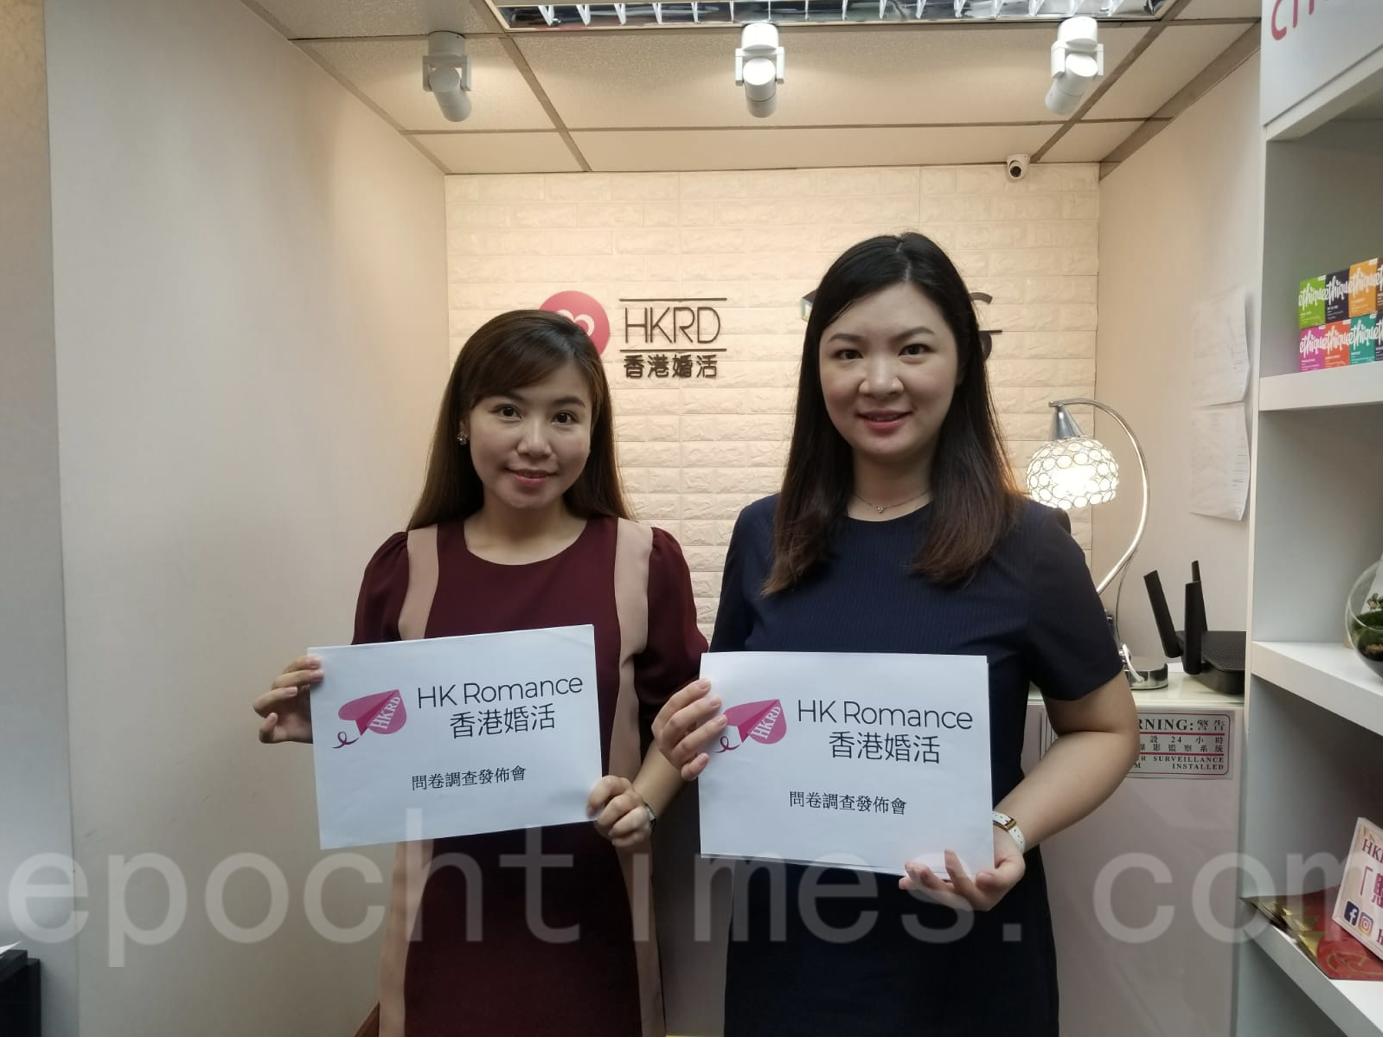 「香港婚活」調查顯示,「港版國安法」若立法,逾五成單身人士表示移民意願增加;逾四成單身人士期望未來伴侶持有外國護照。(李曉彤/大紀元)